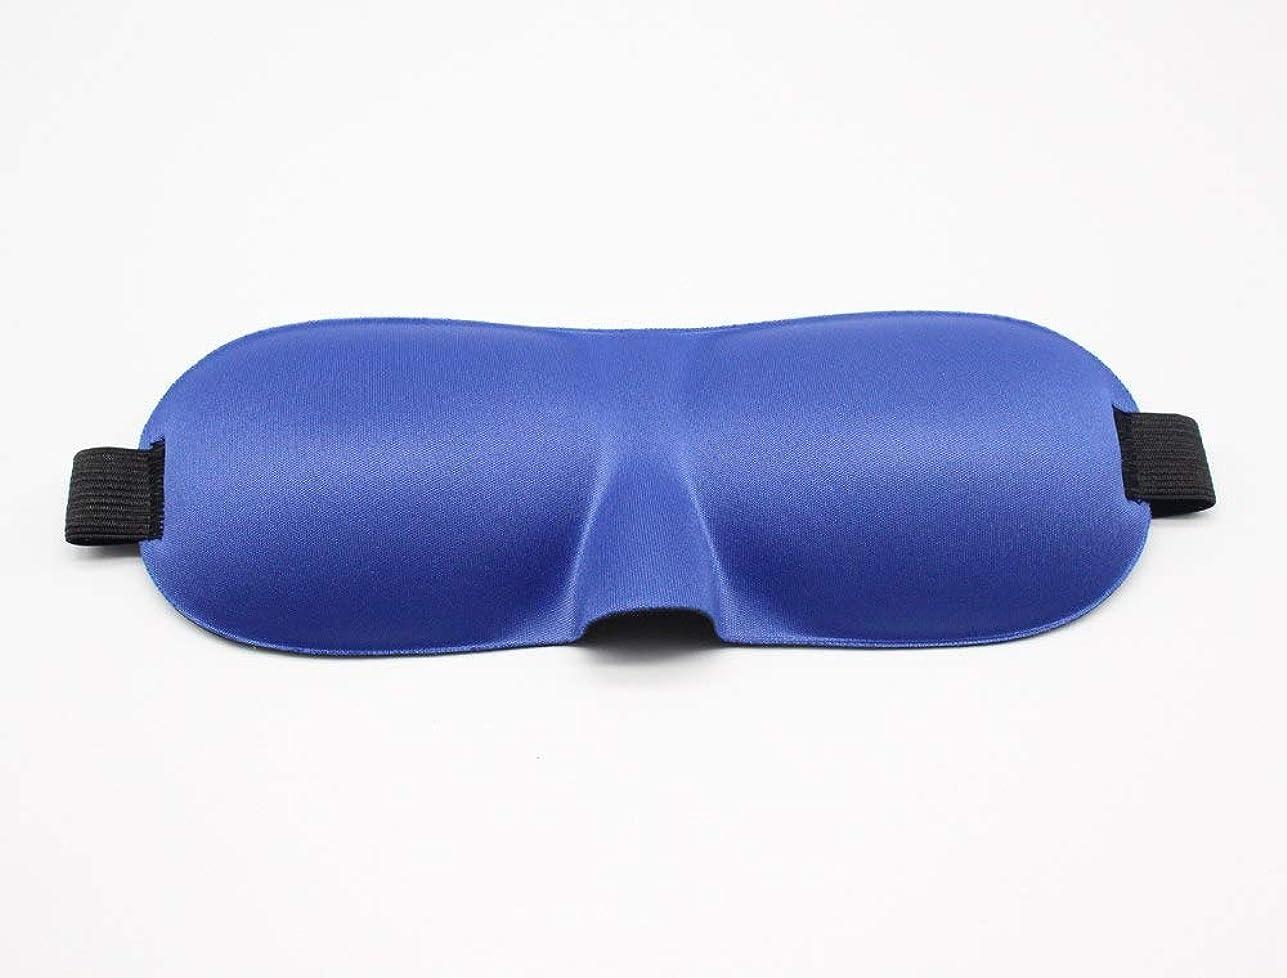 枕達成する博覧会NOTE 高品質3d高睡眠アイマスク使い捨て耳栓多色睡眠マスク睡眠組み合わせ旅行残りカバーアイマスク